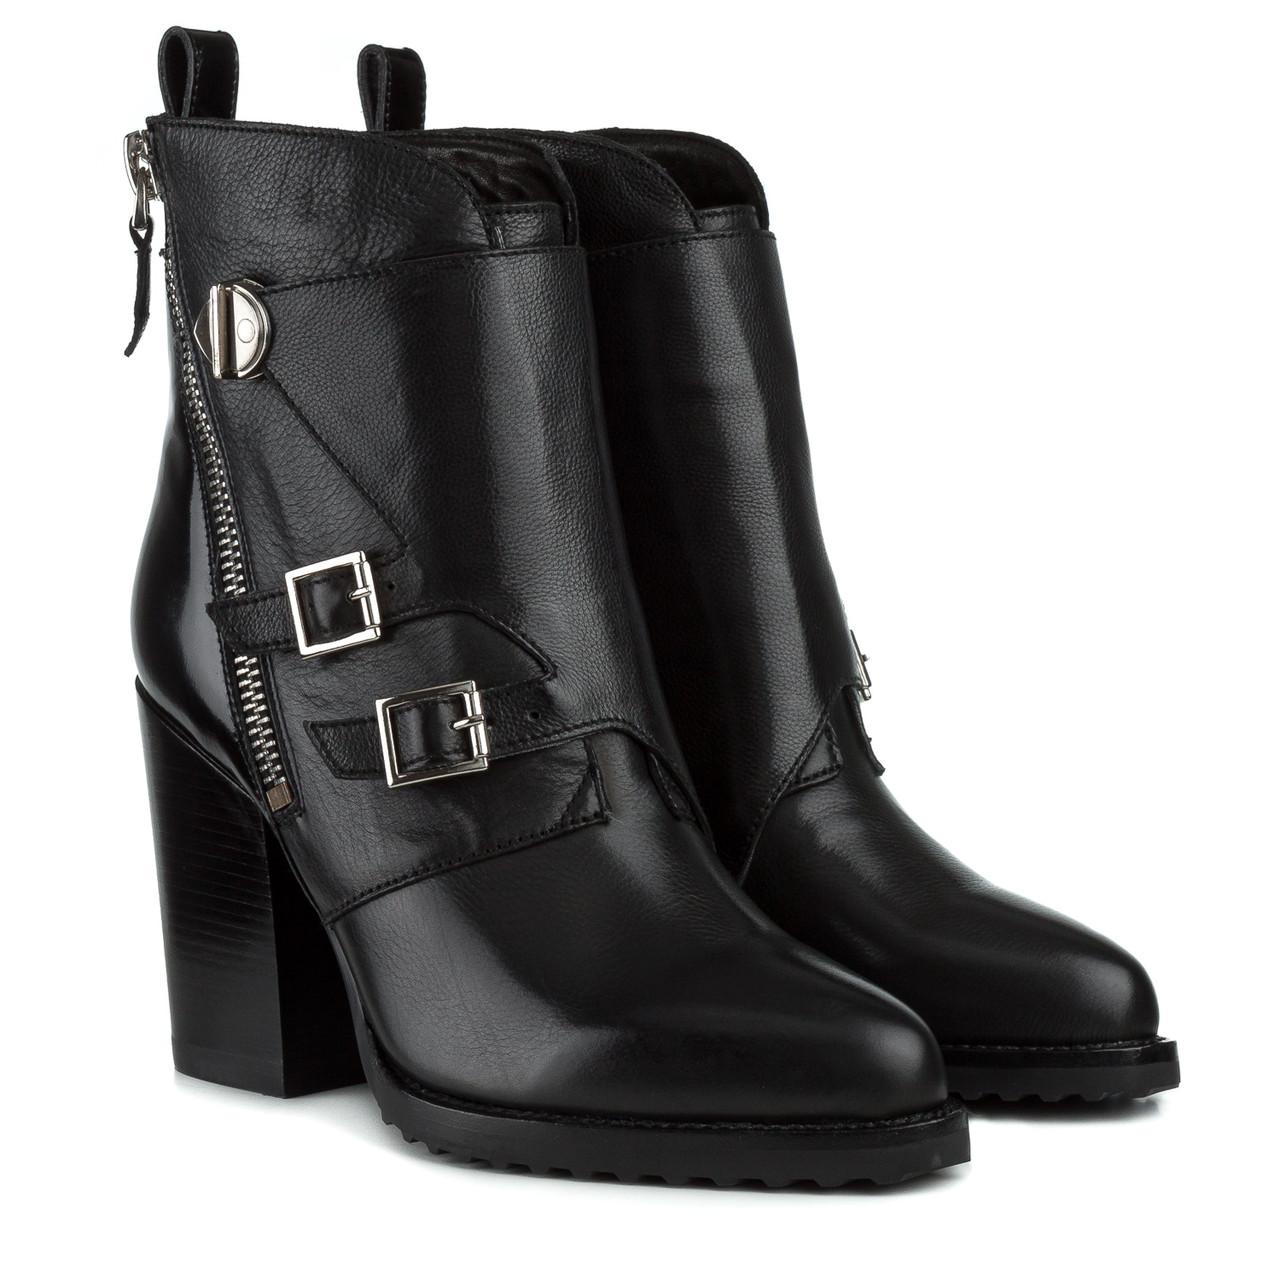 Ботильоны женские BALIDONER (кожаные, стильные, на высоком каблуке, оригинальный дизайн)